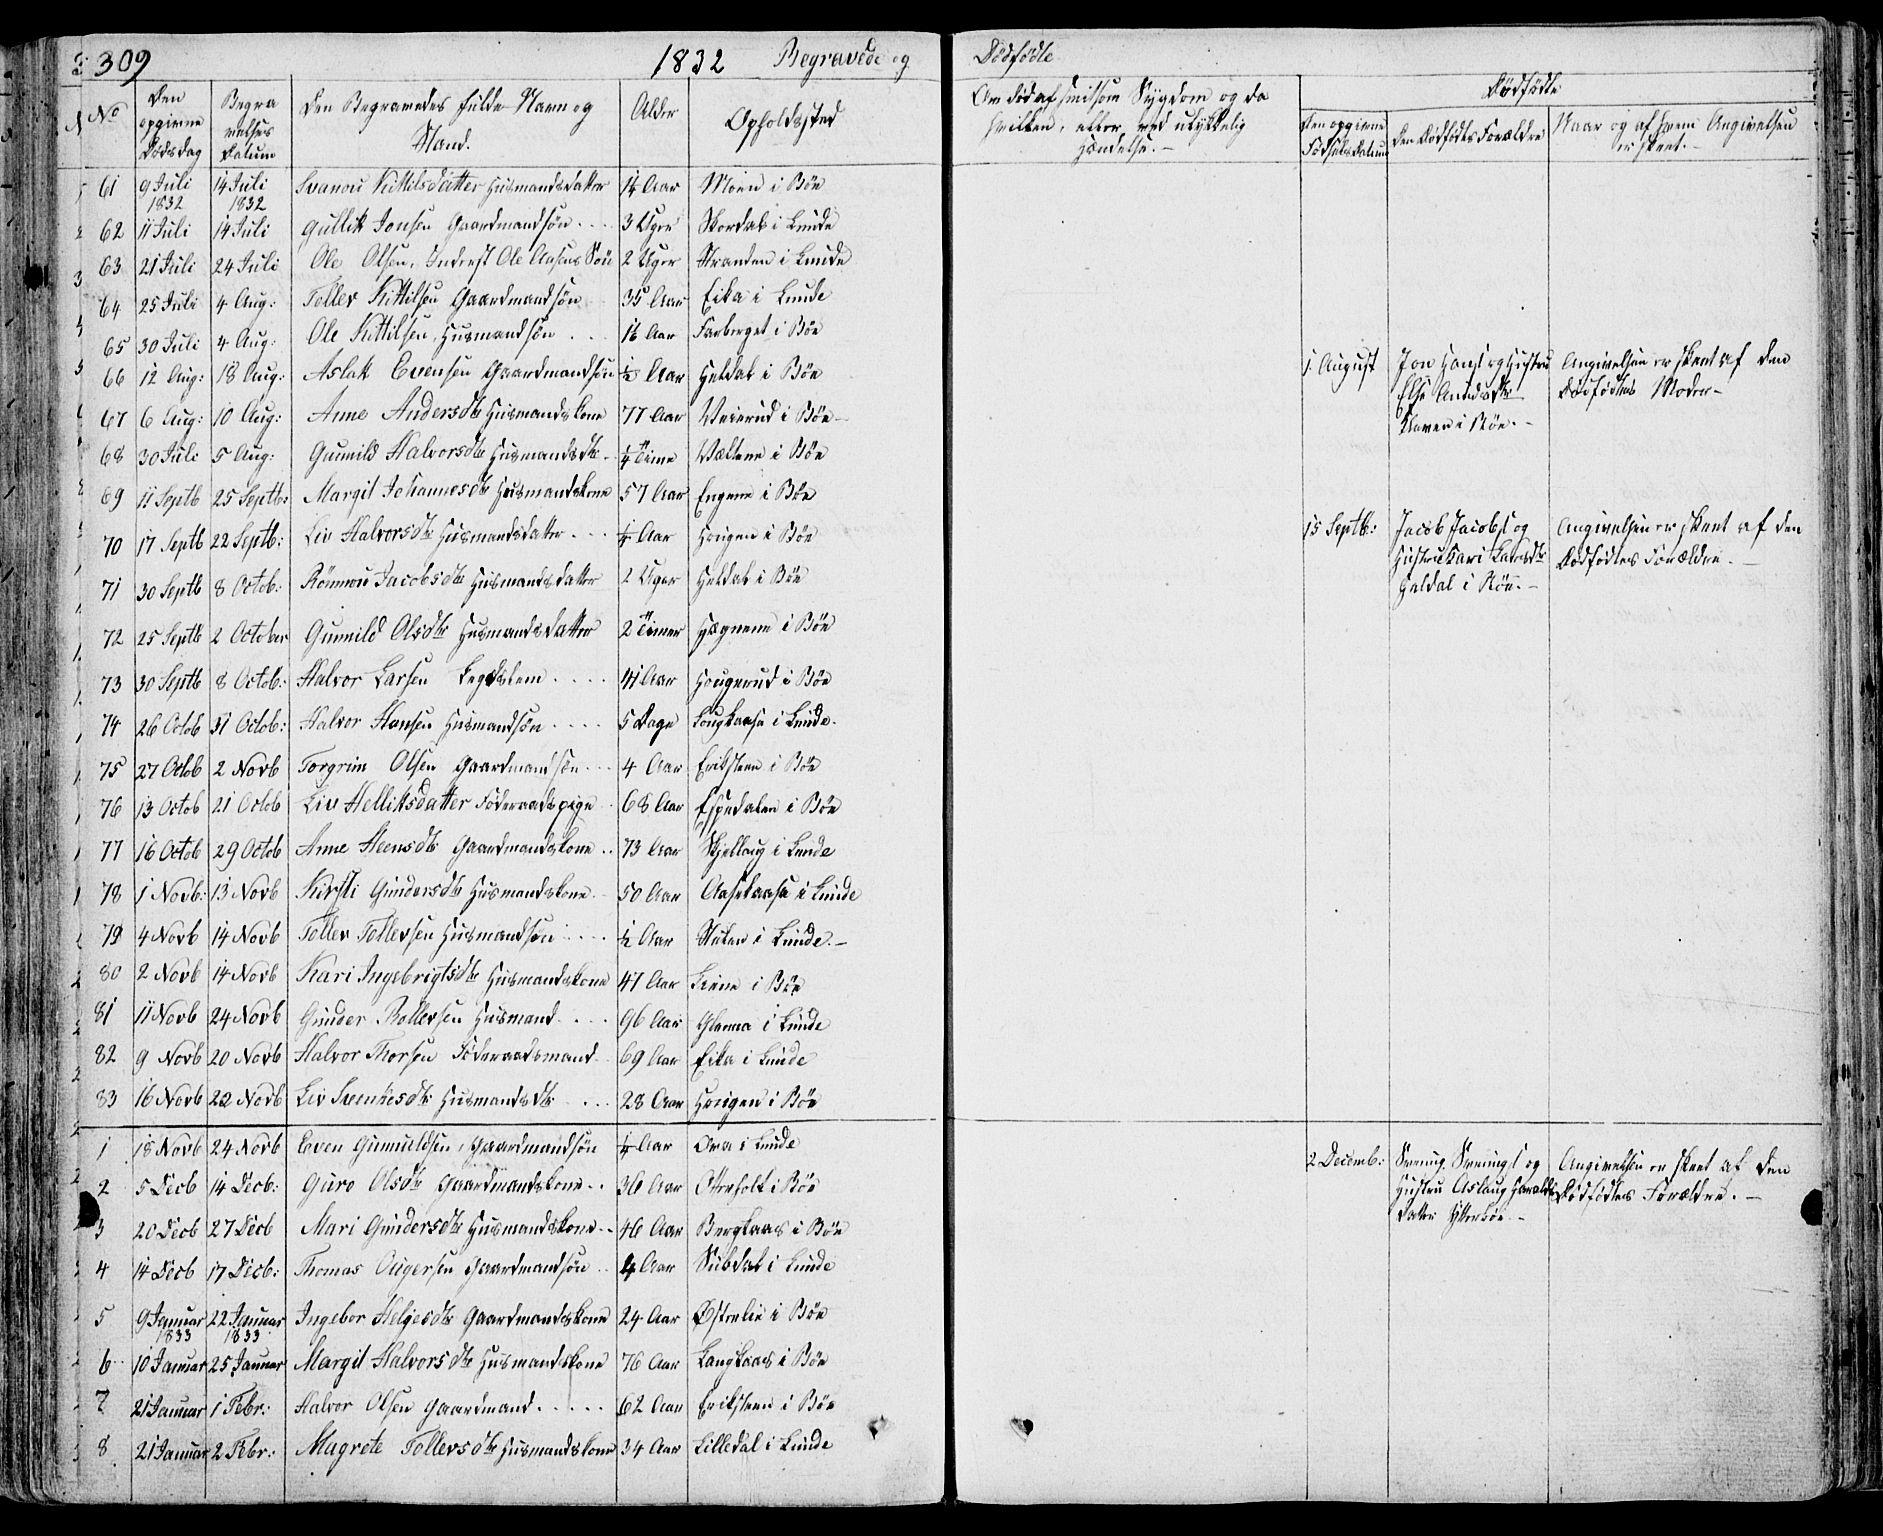 SAKO, Bø kirkebøker, F/Fa/L0007: Ministerialbok nr. 7, 1831-1848, s. 309